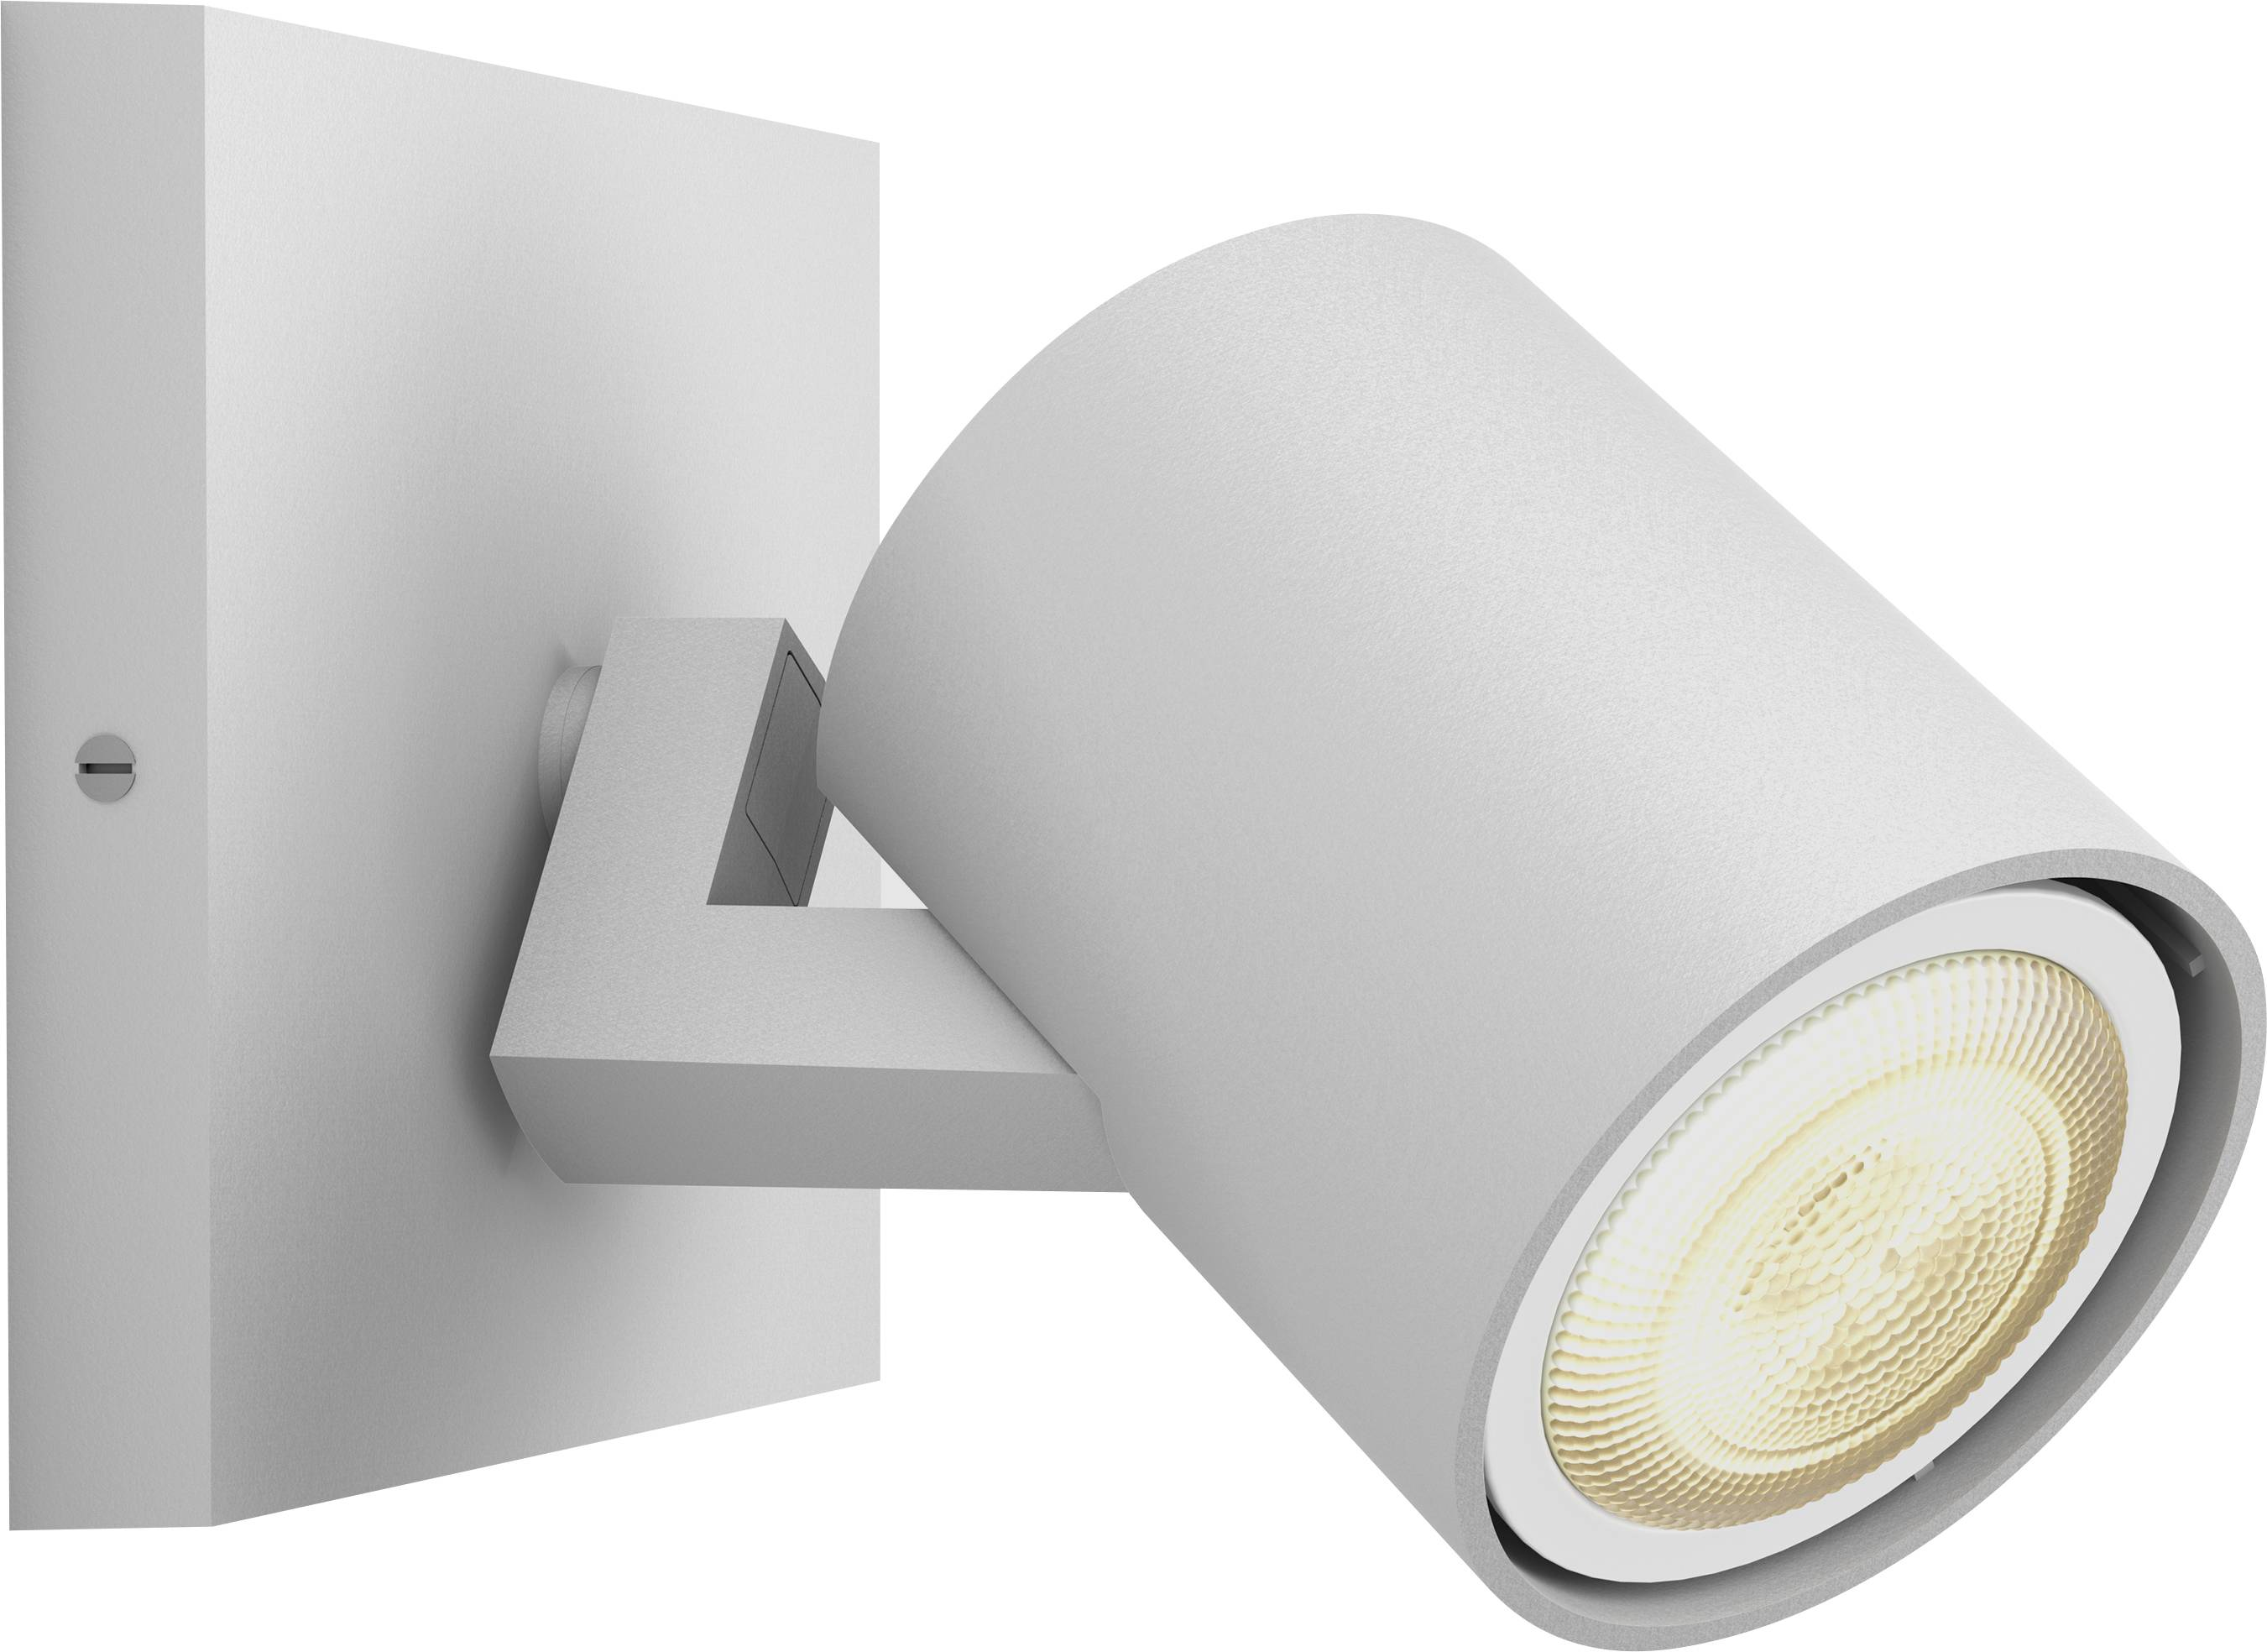 izdelek-philips-lighting-hue-led-stropna-in-stenska-svetilka-runner-6